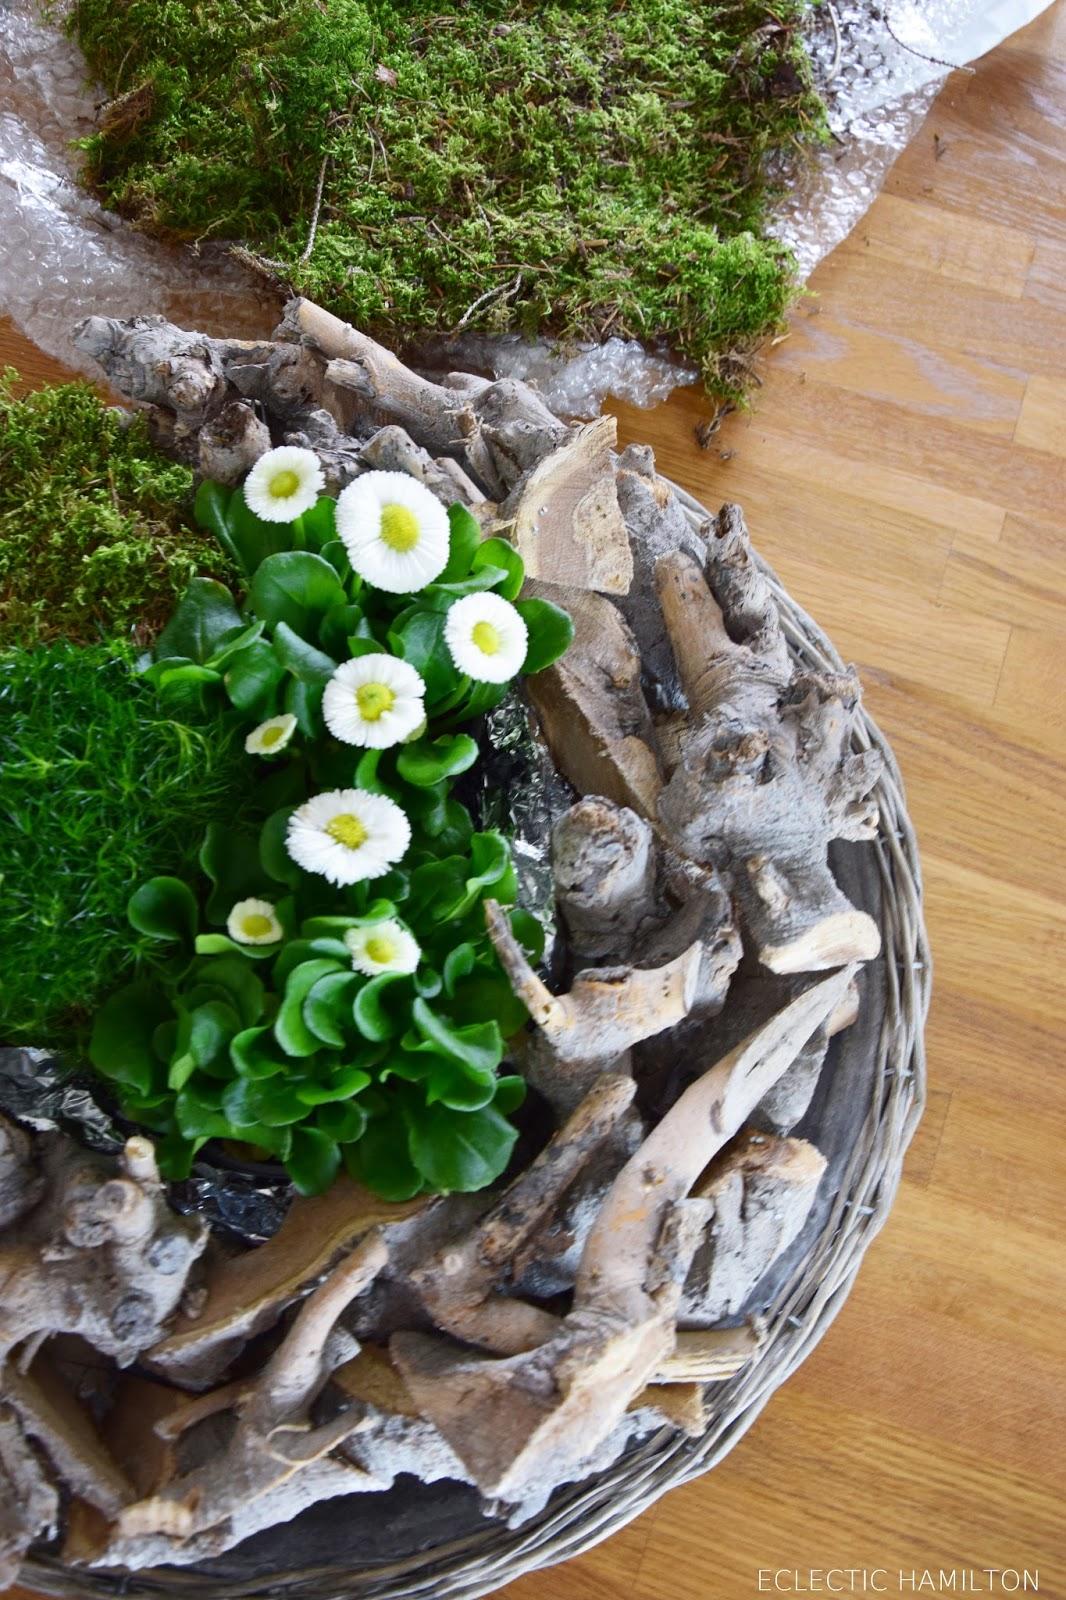 DIY Kranz für den Frühling mit Moos und Bellies. Einfach und schnell selbst gemacht mit Naturmaterialien.  Deko mit Natur. Natürlich, Holzdeko, Tischdeko